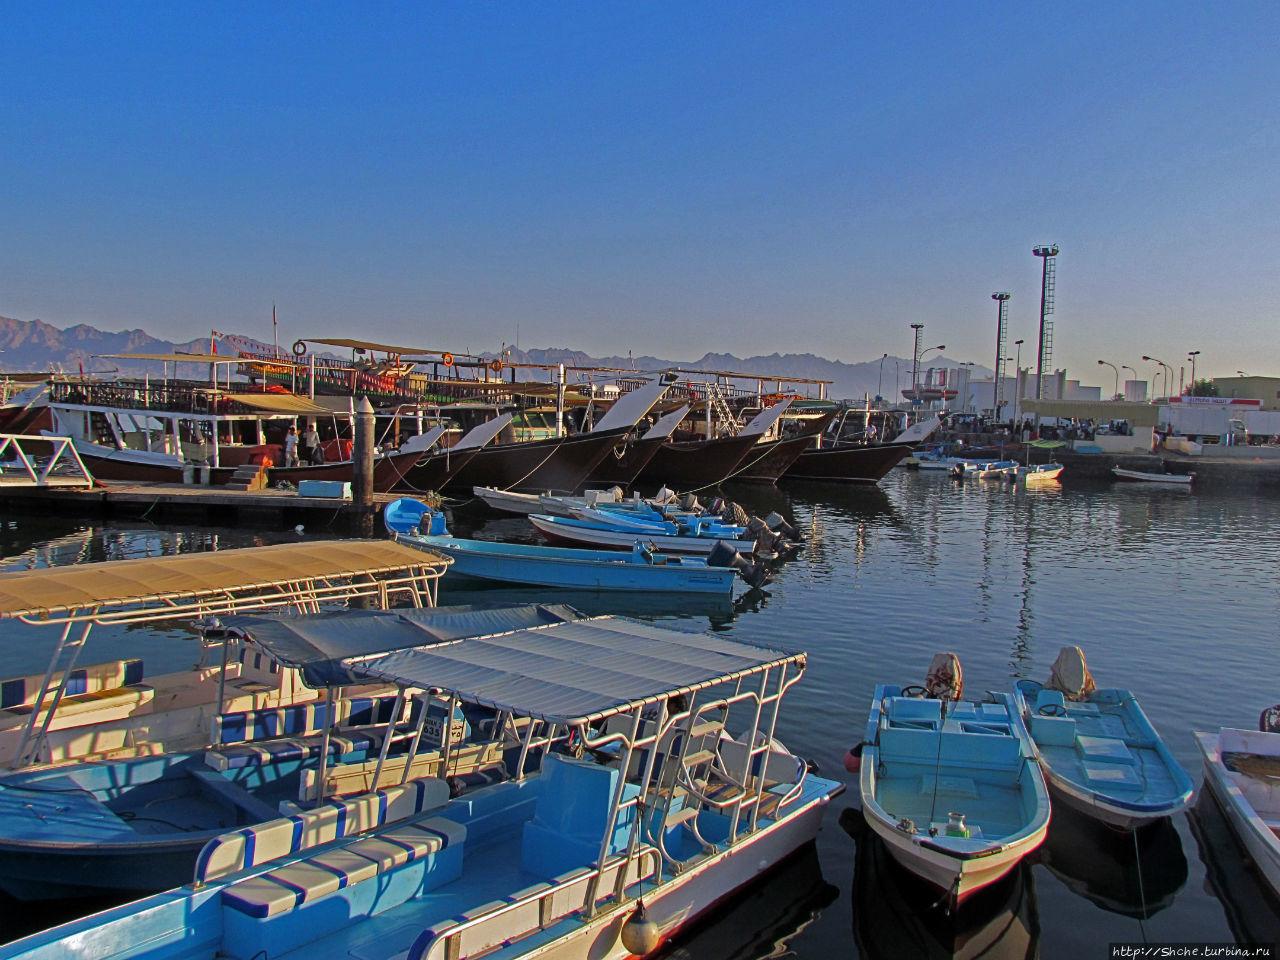 когда хороший улов, здесь разворачивается рыбный рынок прямо у причала, но в тот день рынка не было... видимо с уловом не подфартило, не думаю, что это мы задержались в море, и кто-то успел все раскупить Дибба-Аль-Байя, Оман